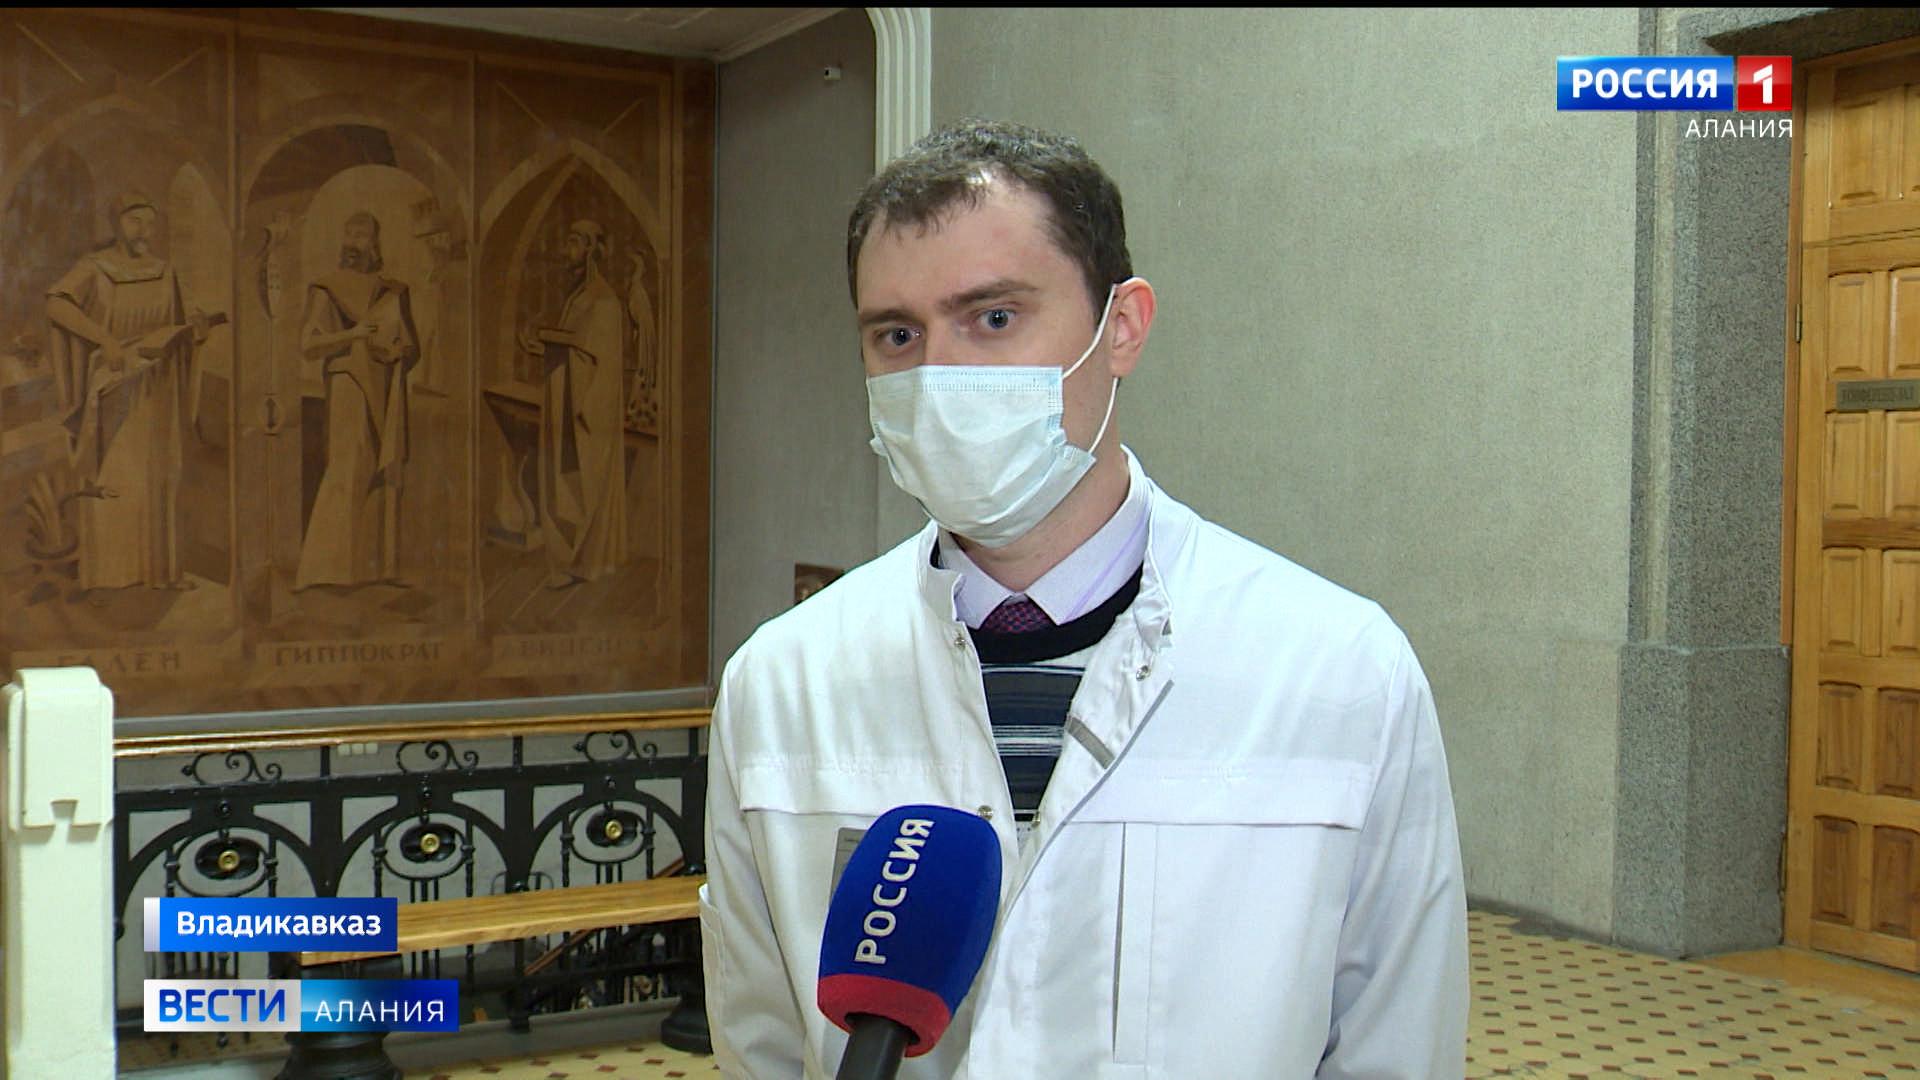 В Северной Осетии прививку от коронавируса сделали 7 человек